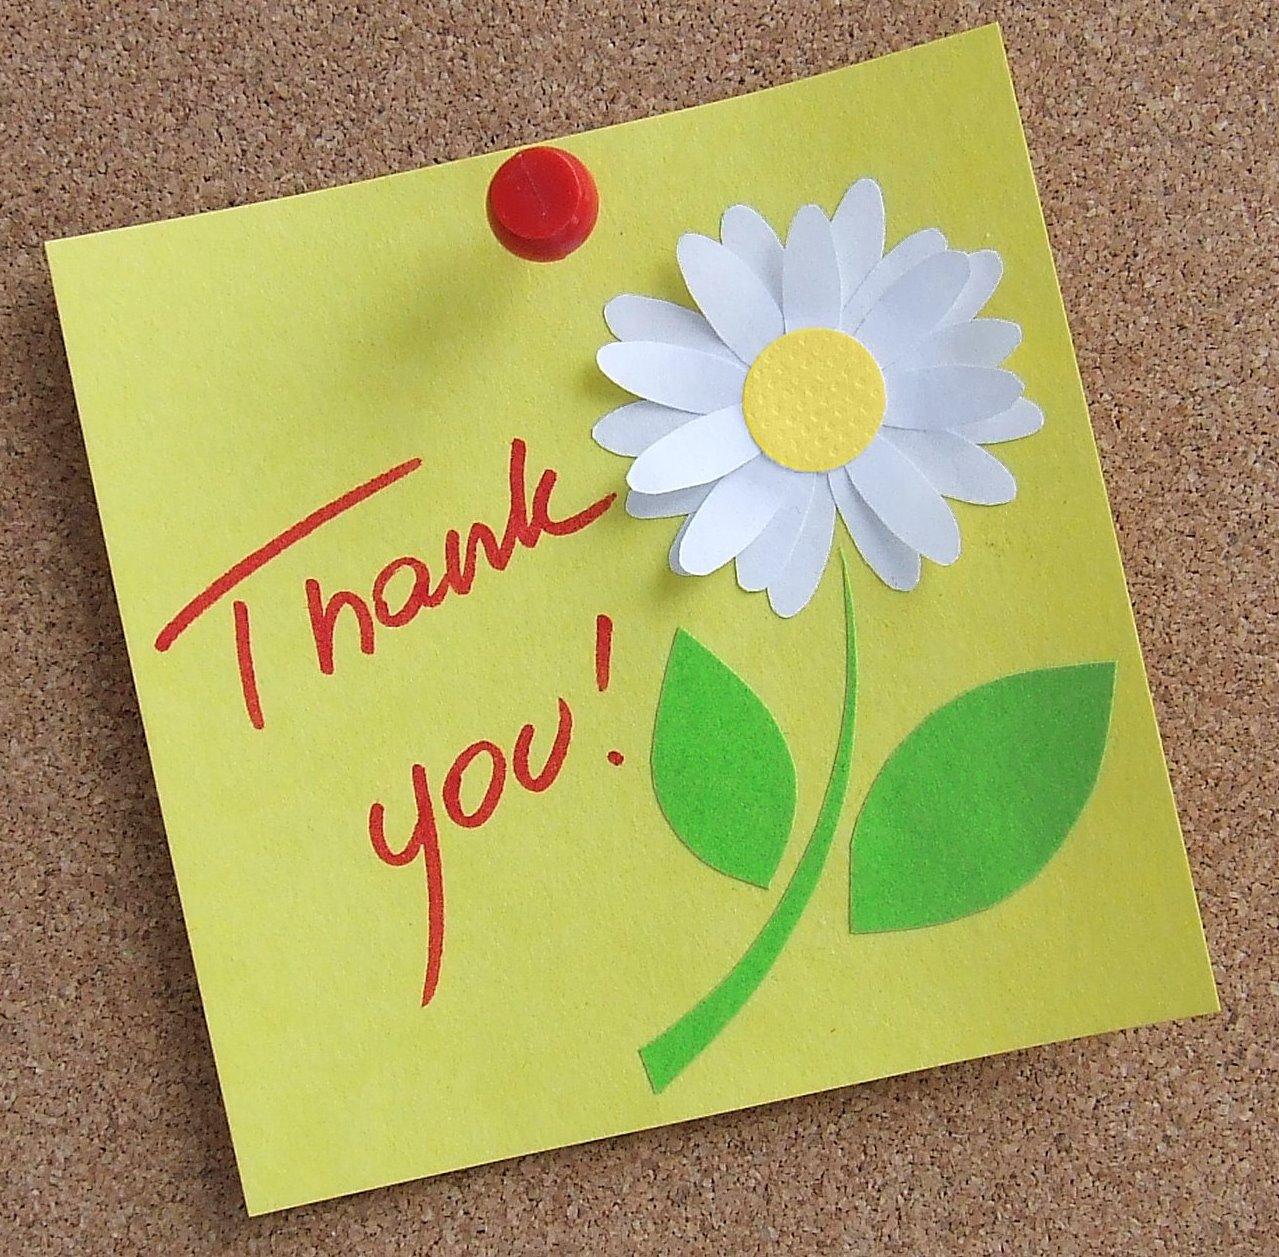 Поздравления новым, открытки на день благодарности своими руками